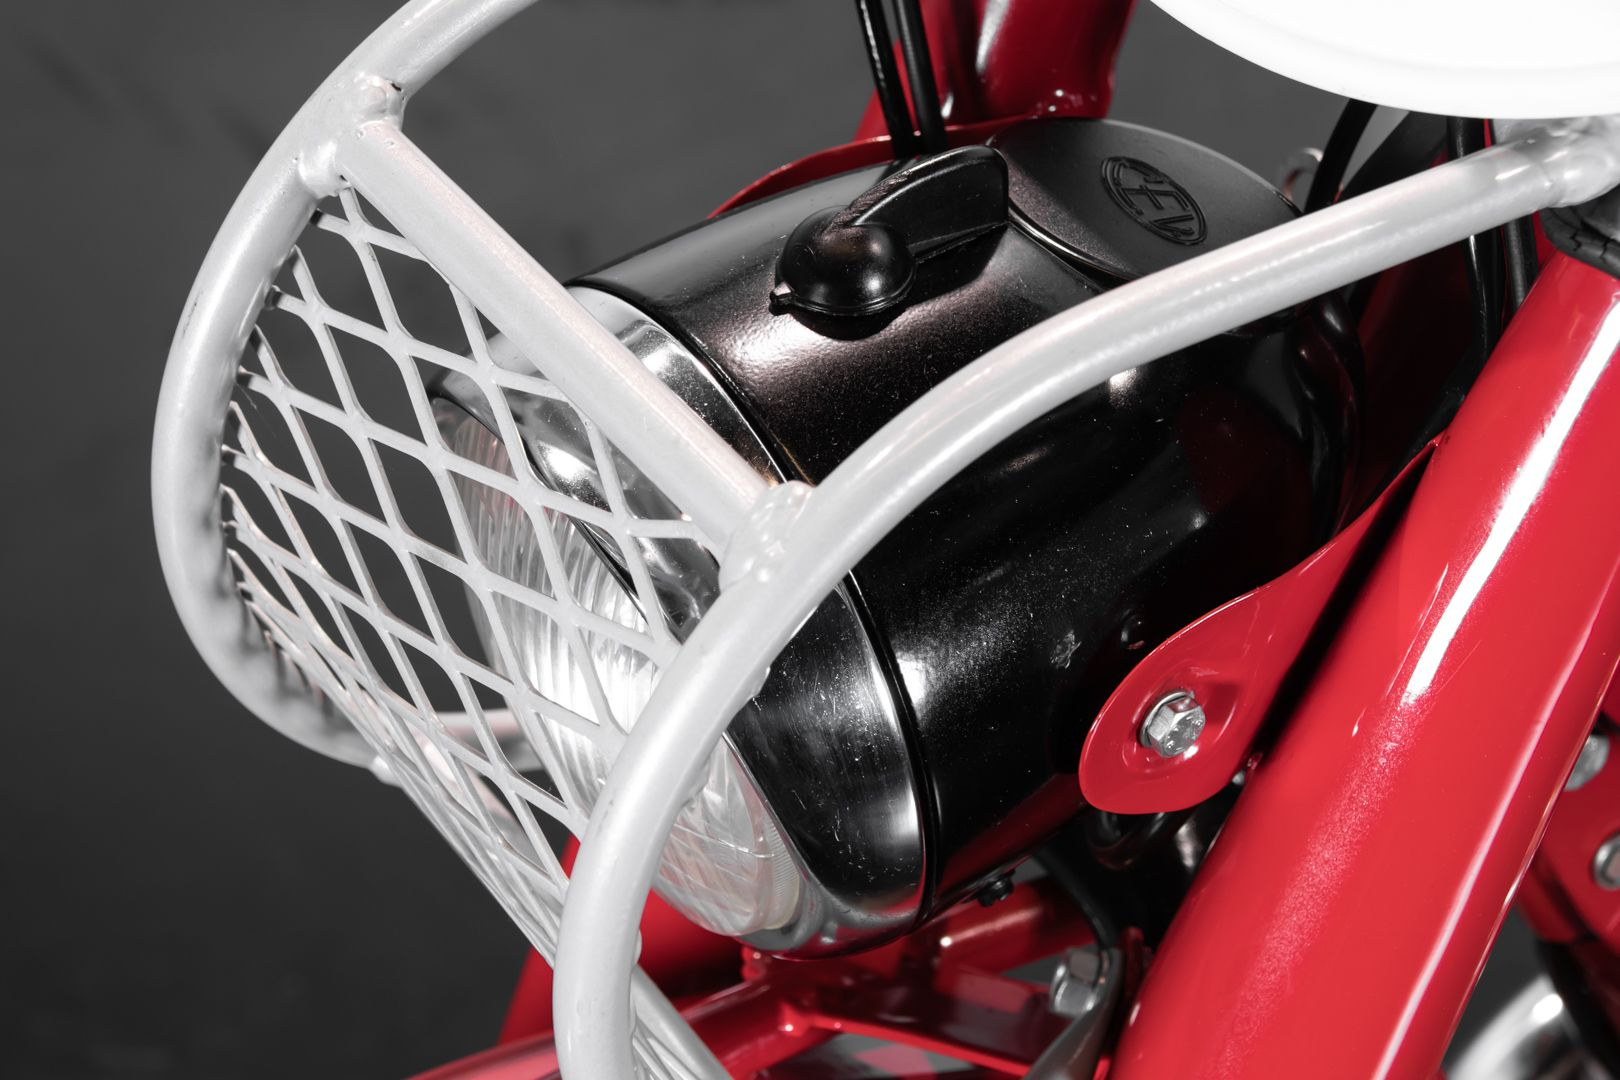 1966 Moto Morini Regolarità Griglione 125 77324